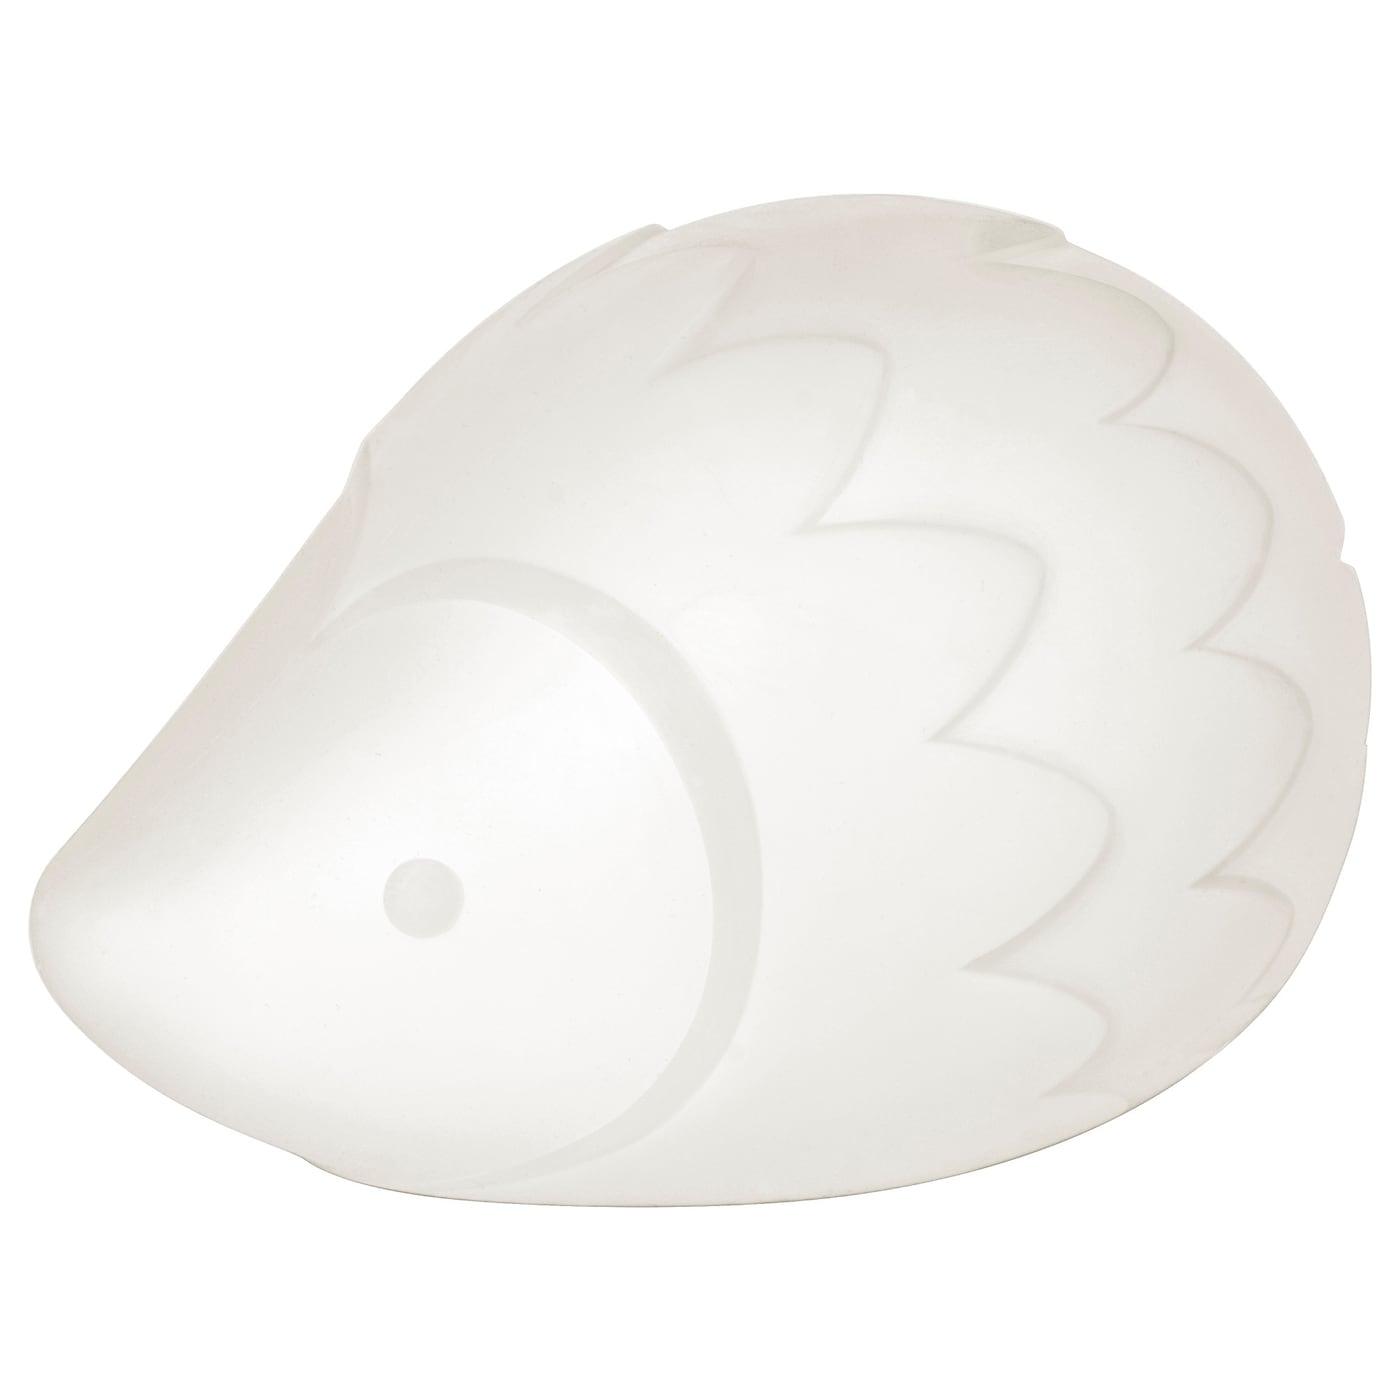 LURIGA | Lampen > Kinderzimmerlampen | Weiß | IKEA